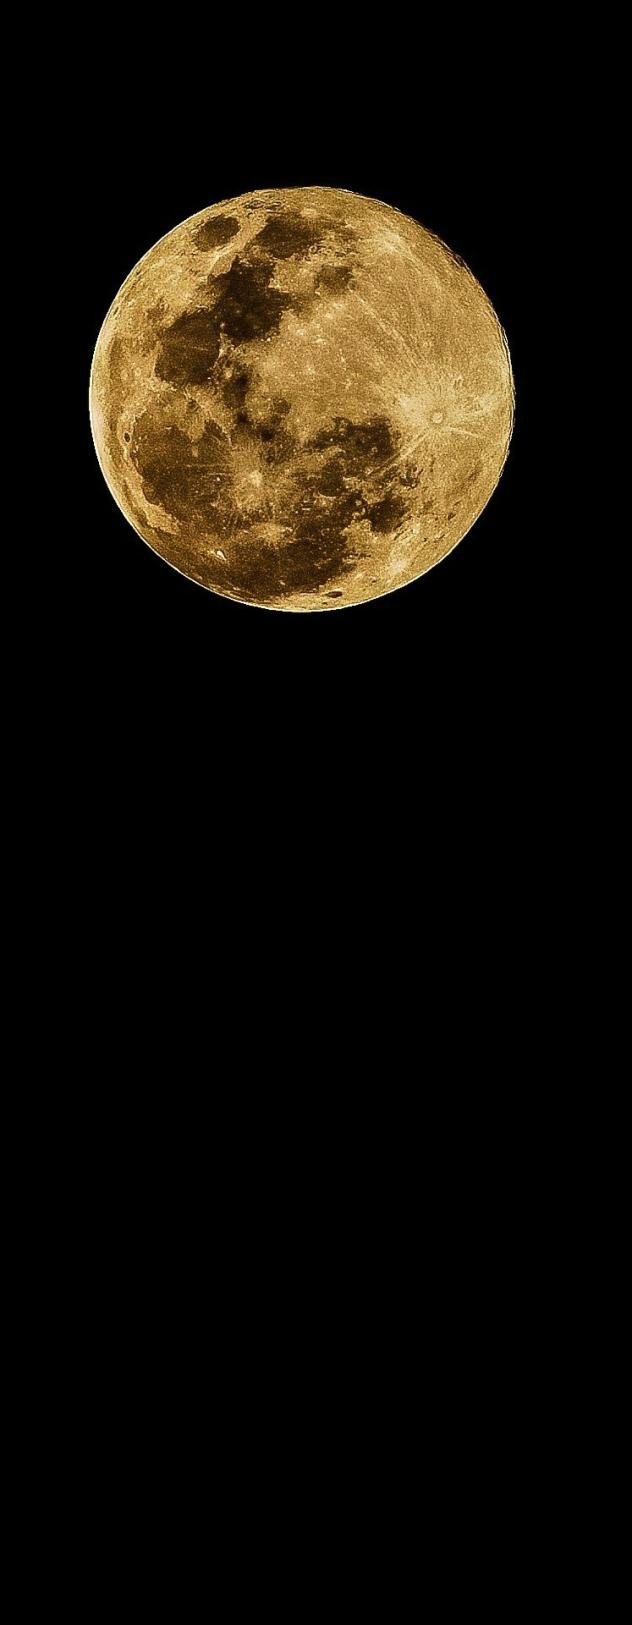 full-moon-415501_1920-e1543028259844.jpg